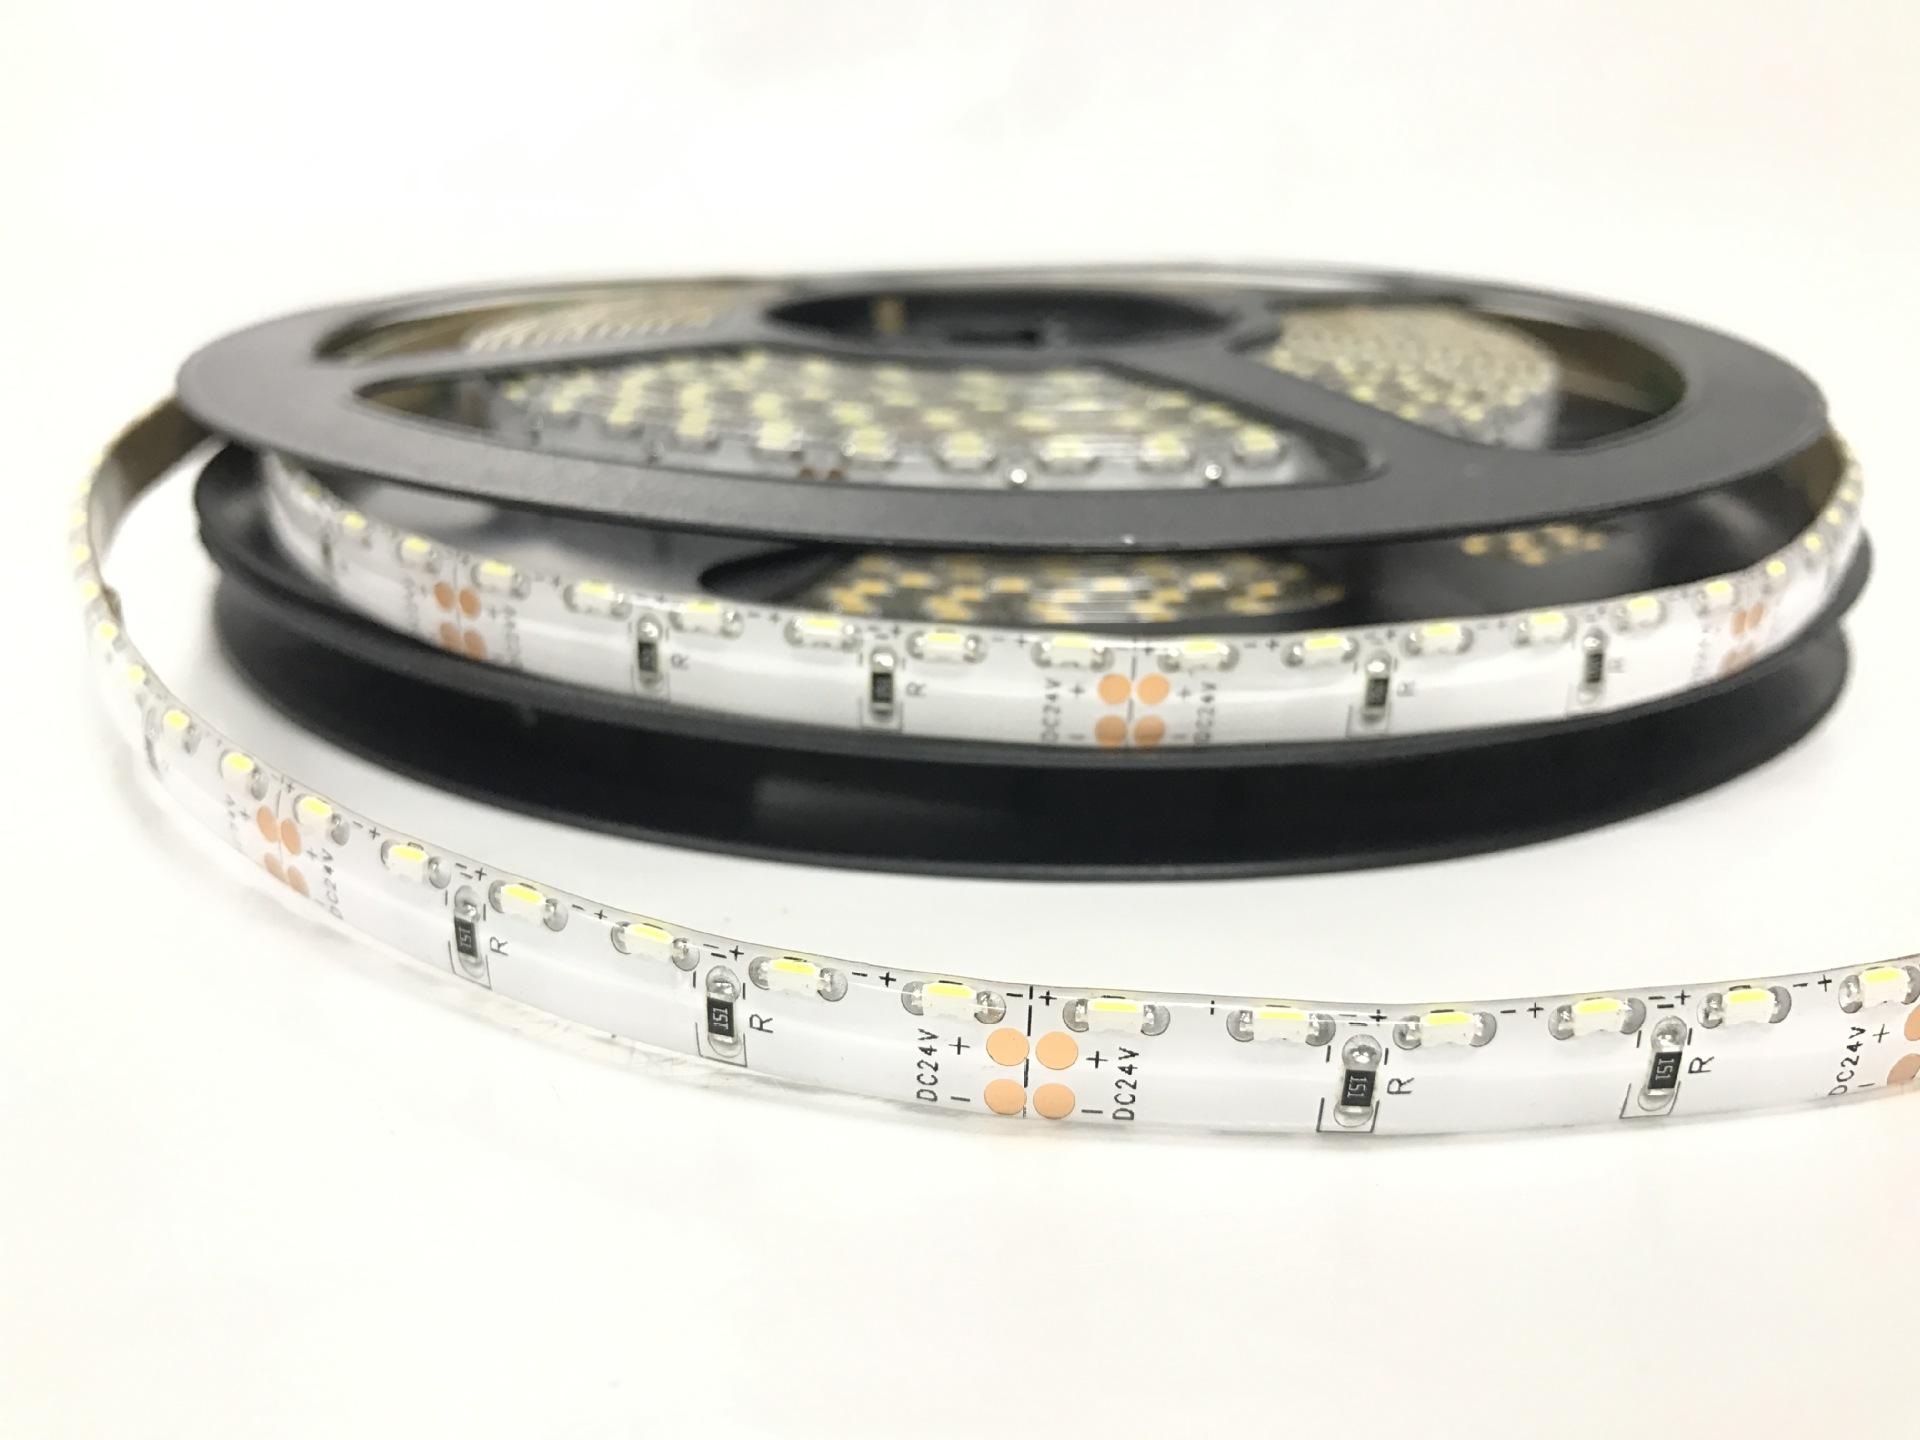 侧发光灯条_335侧发光灯条3014315120紫光uvled5mm8mm宽